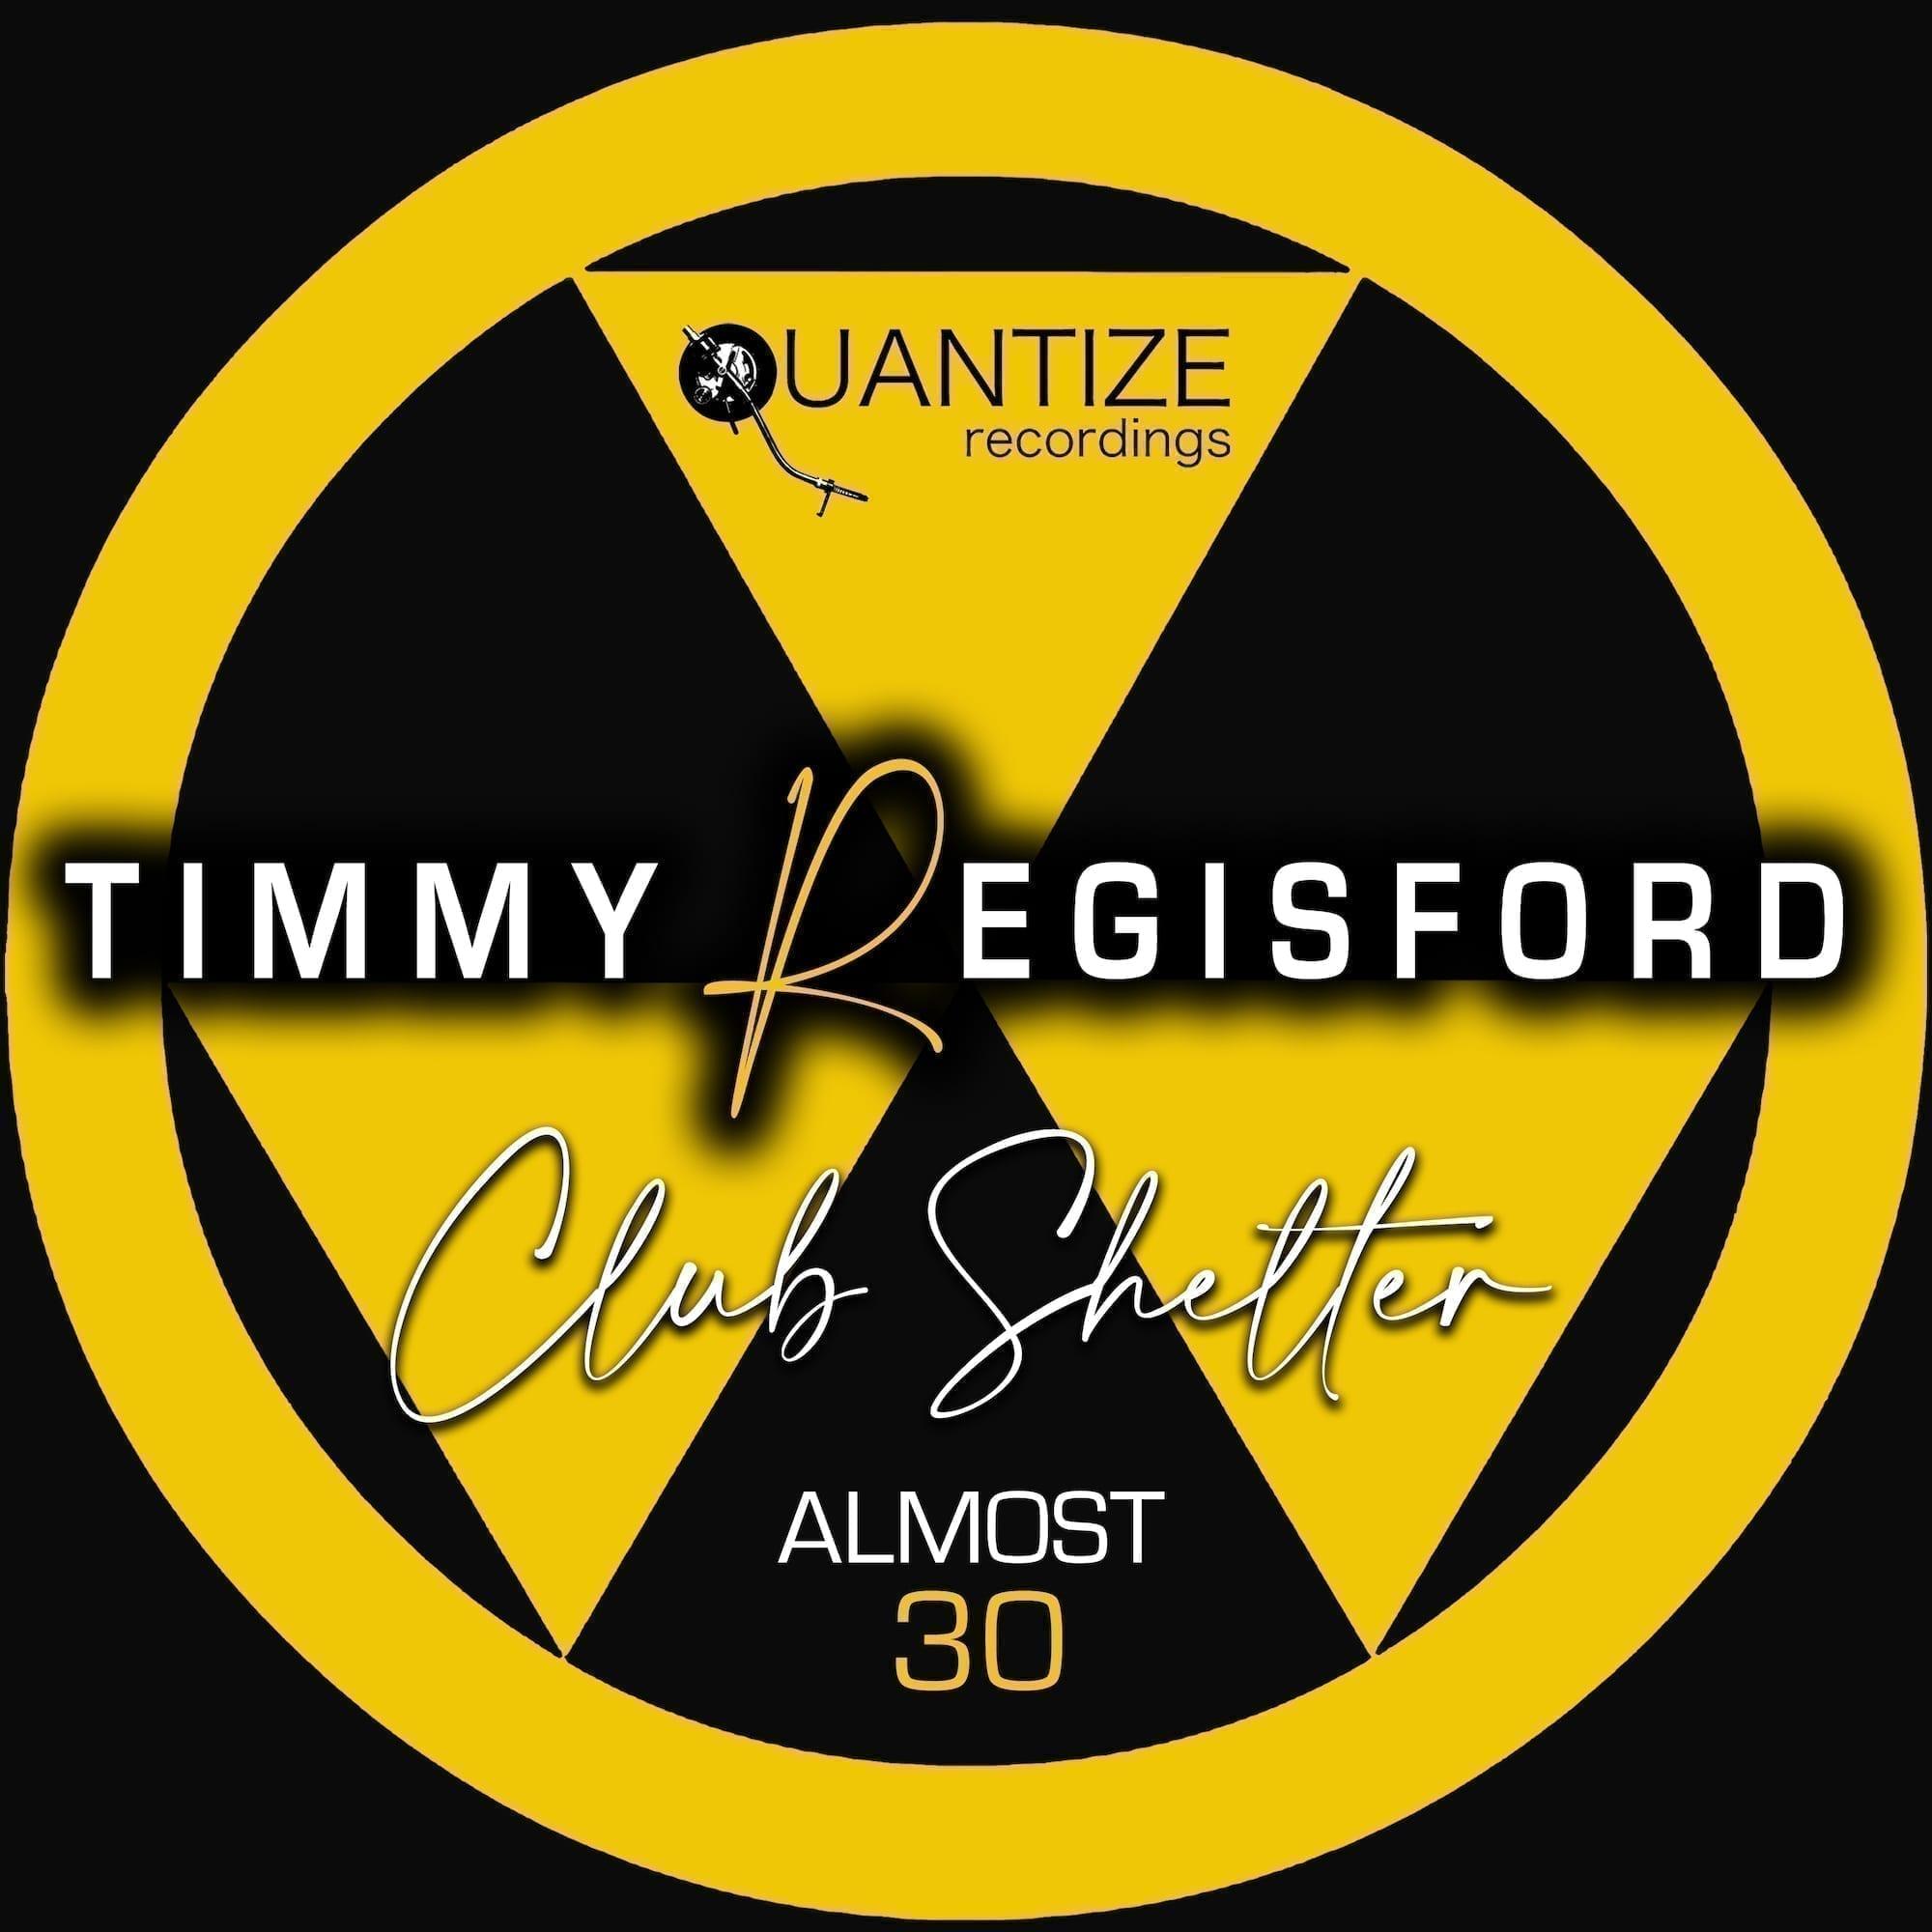 Timmy Regisford 'Almost 30' Album [Quantize Recordings]